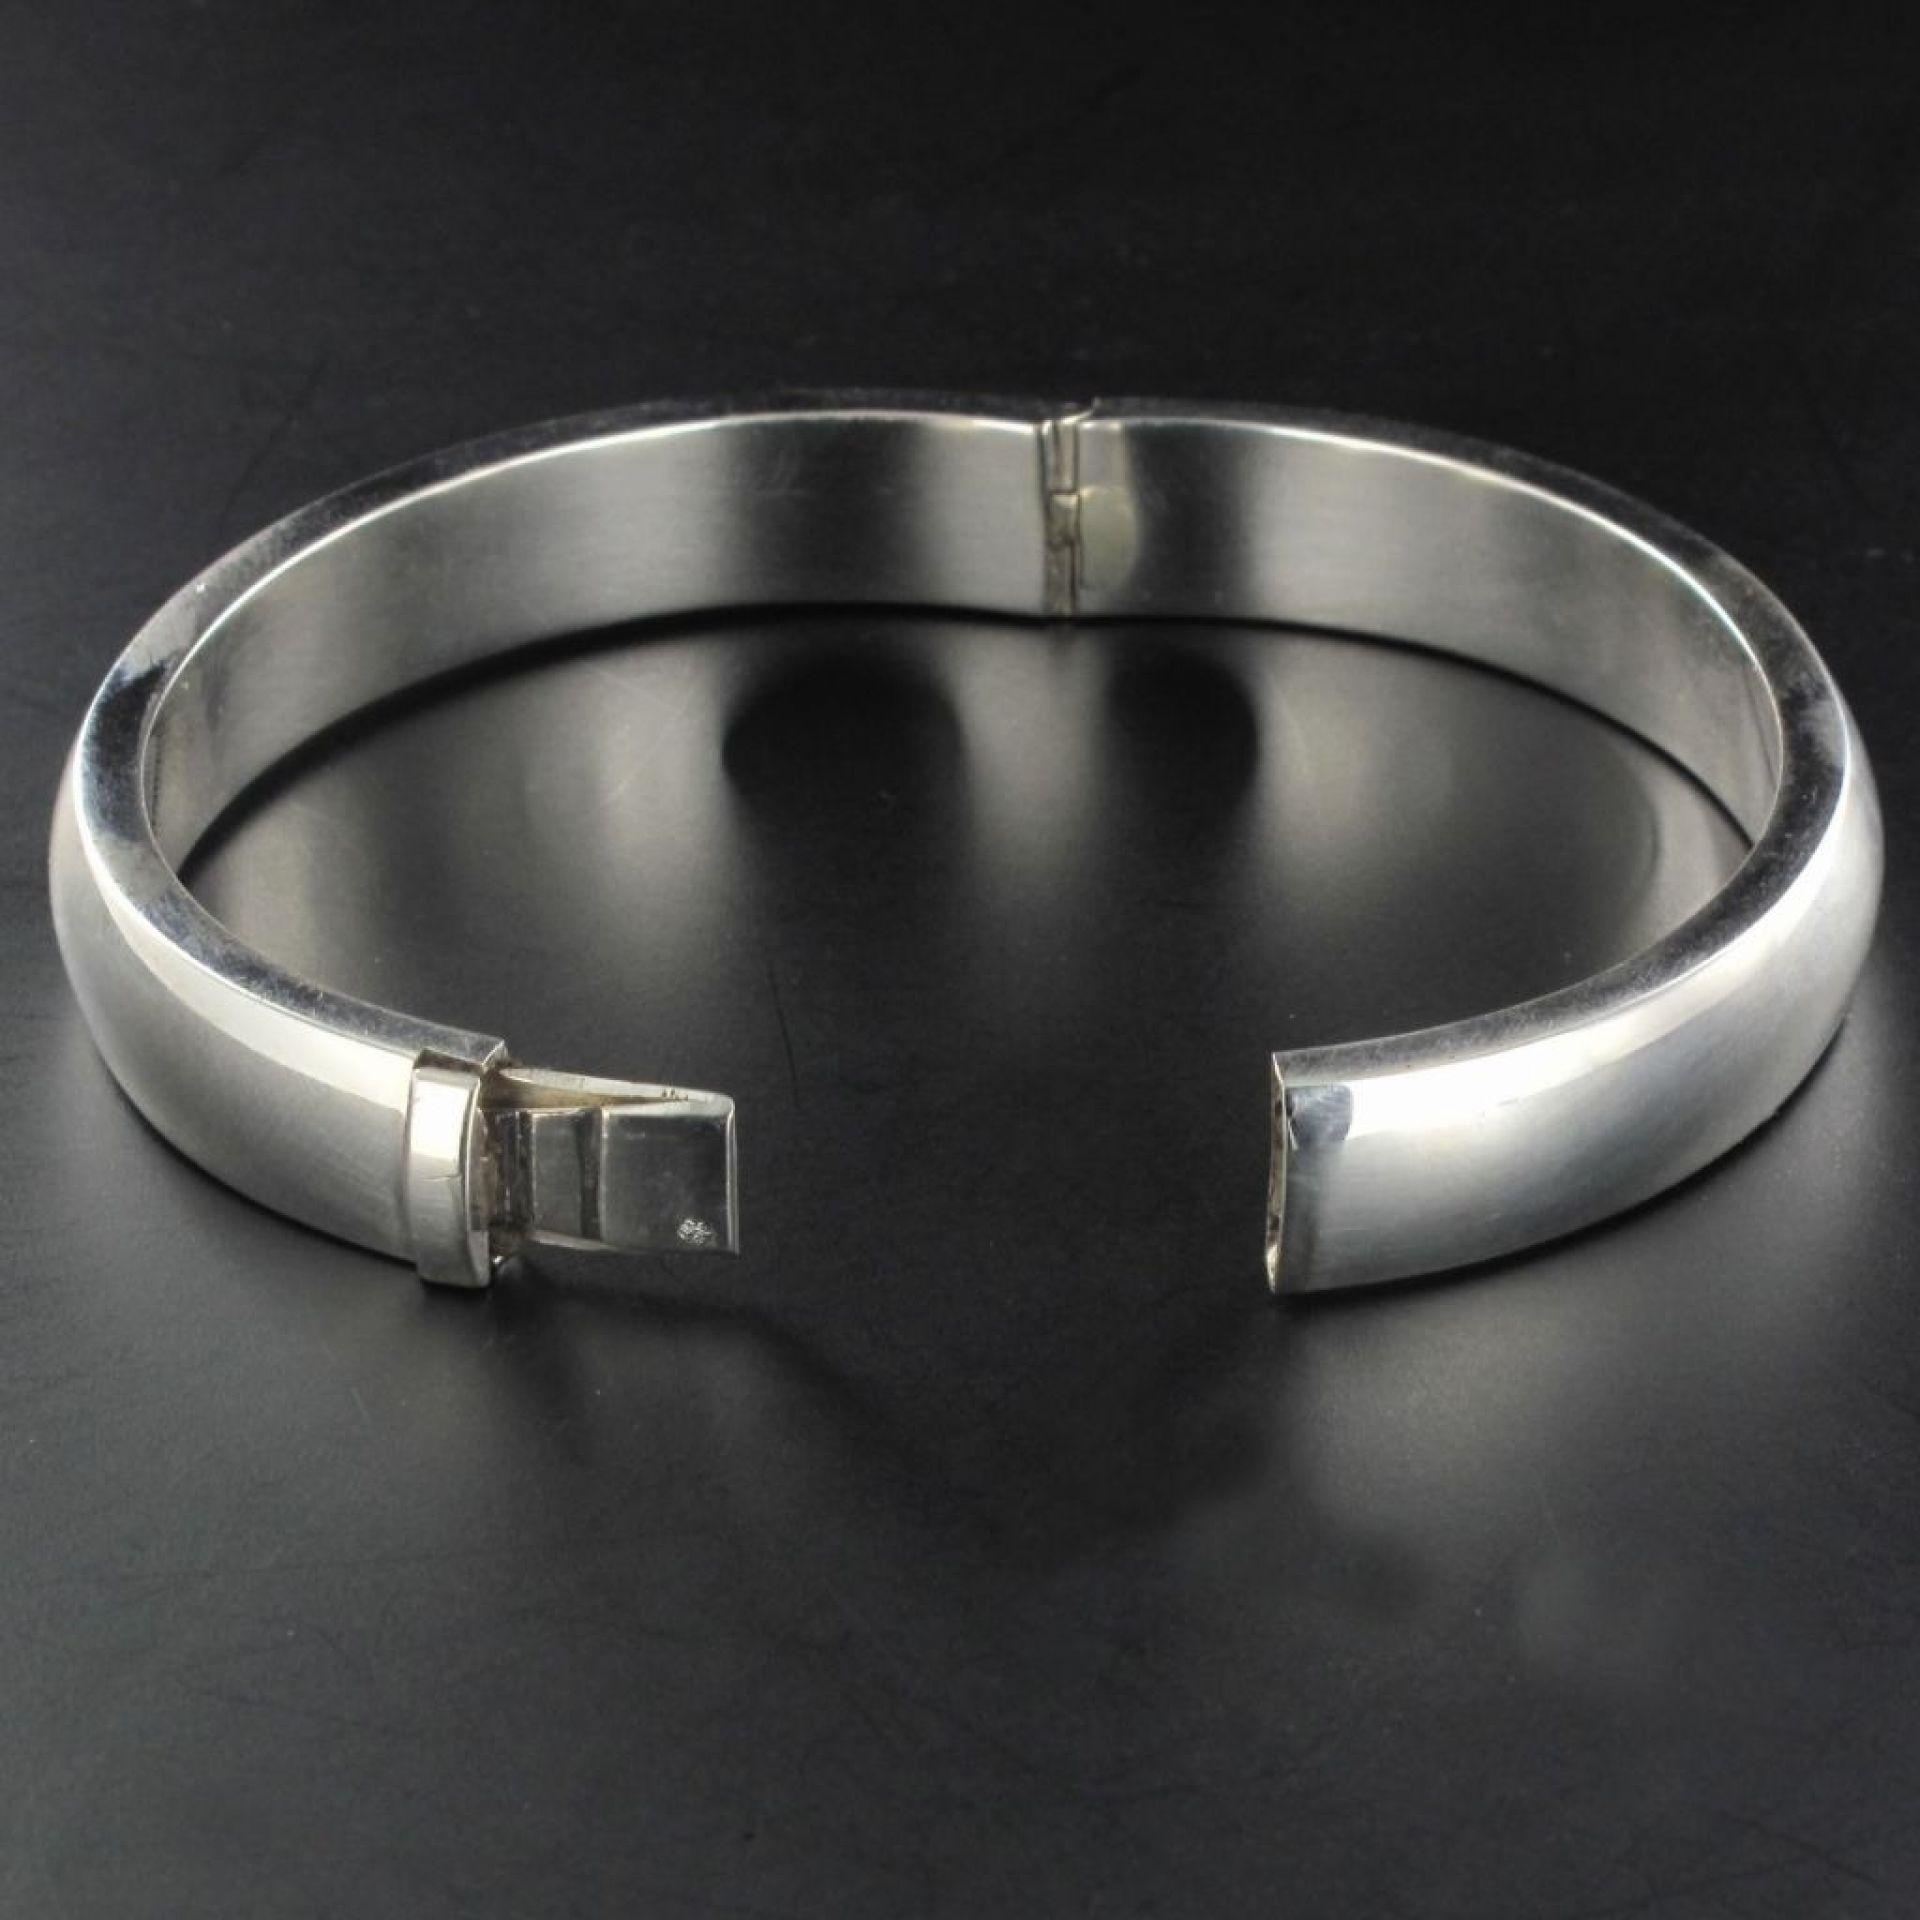 Silver half-ring bracelet 0.5 cm